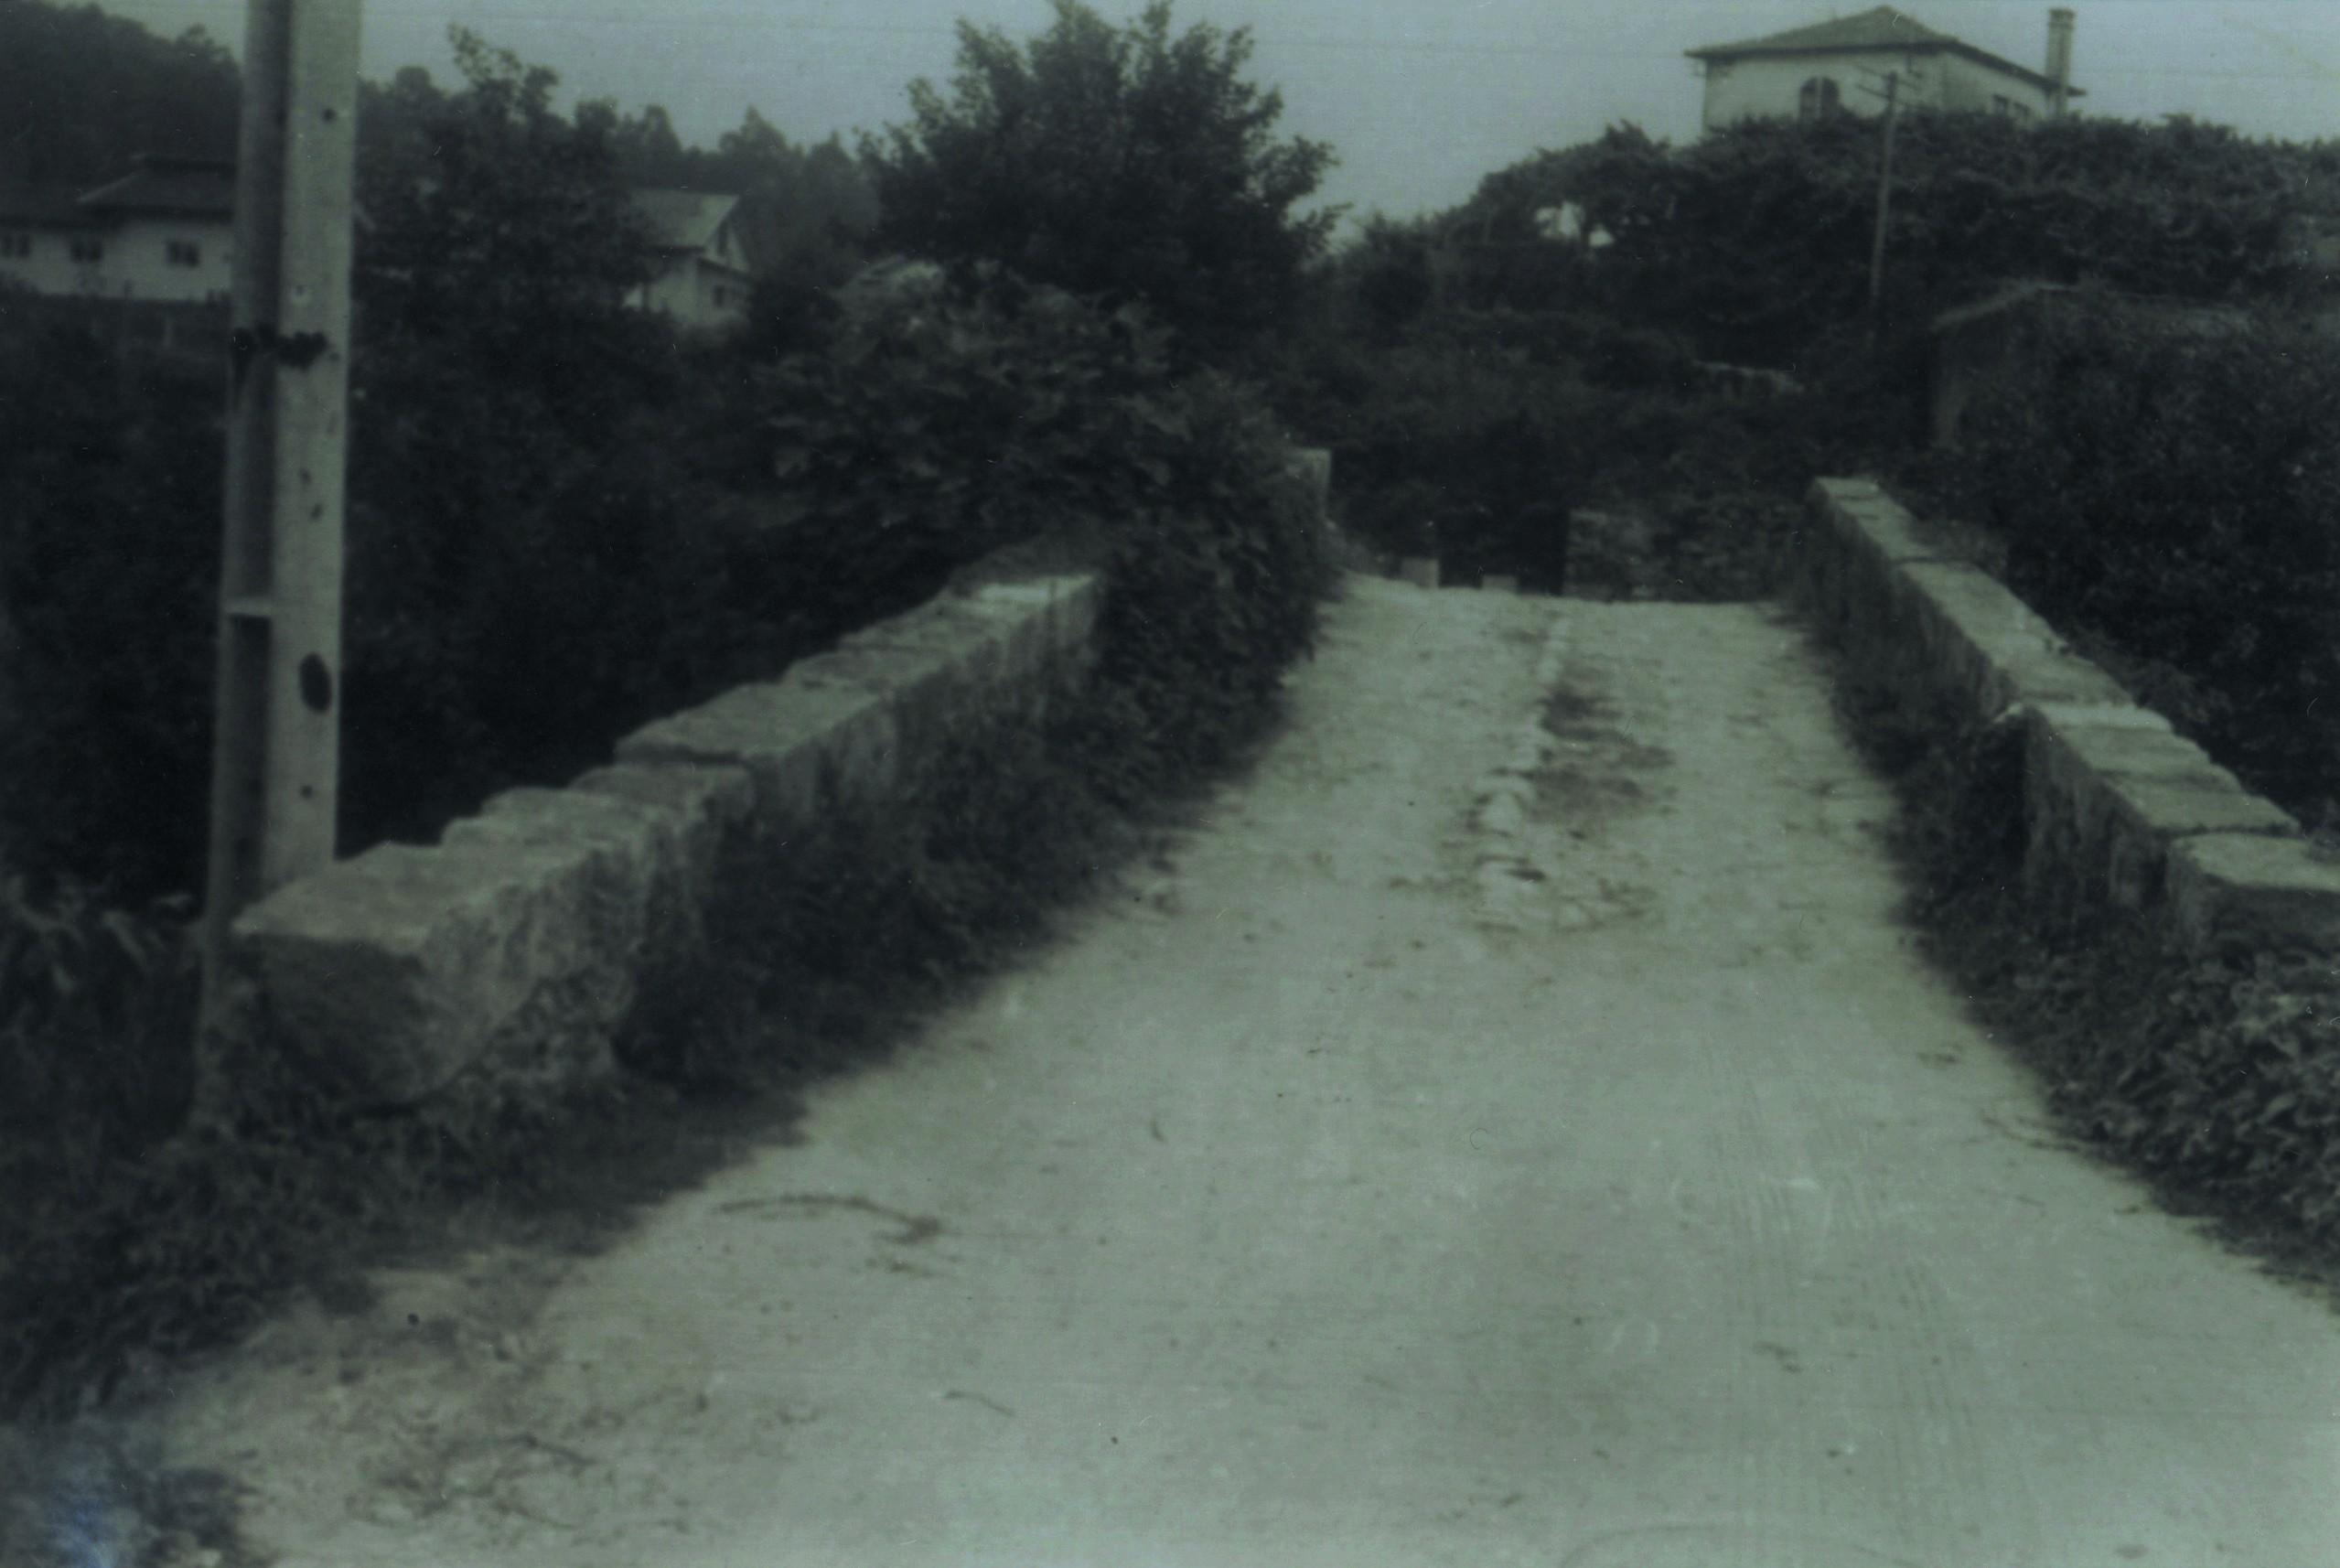 Ponte romana da Pica, Cucujães (Anos 70)